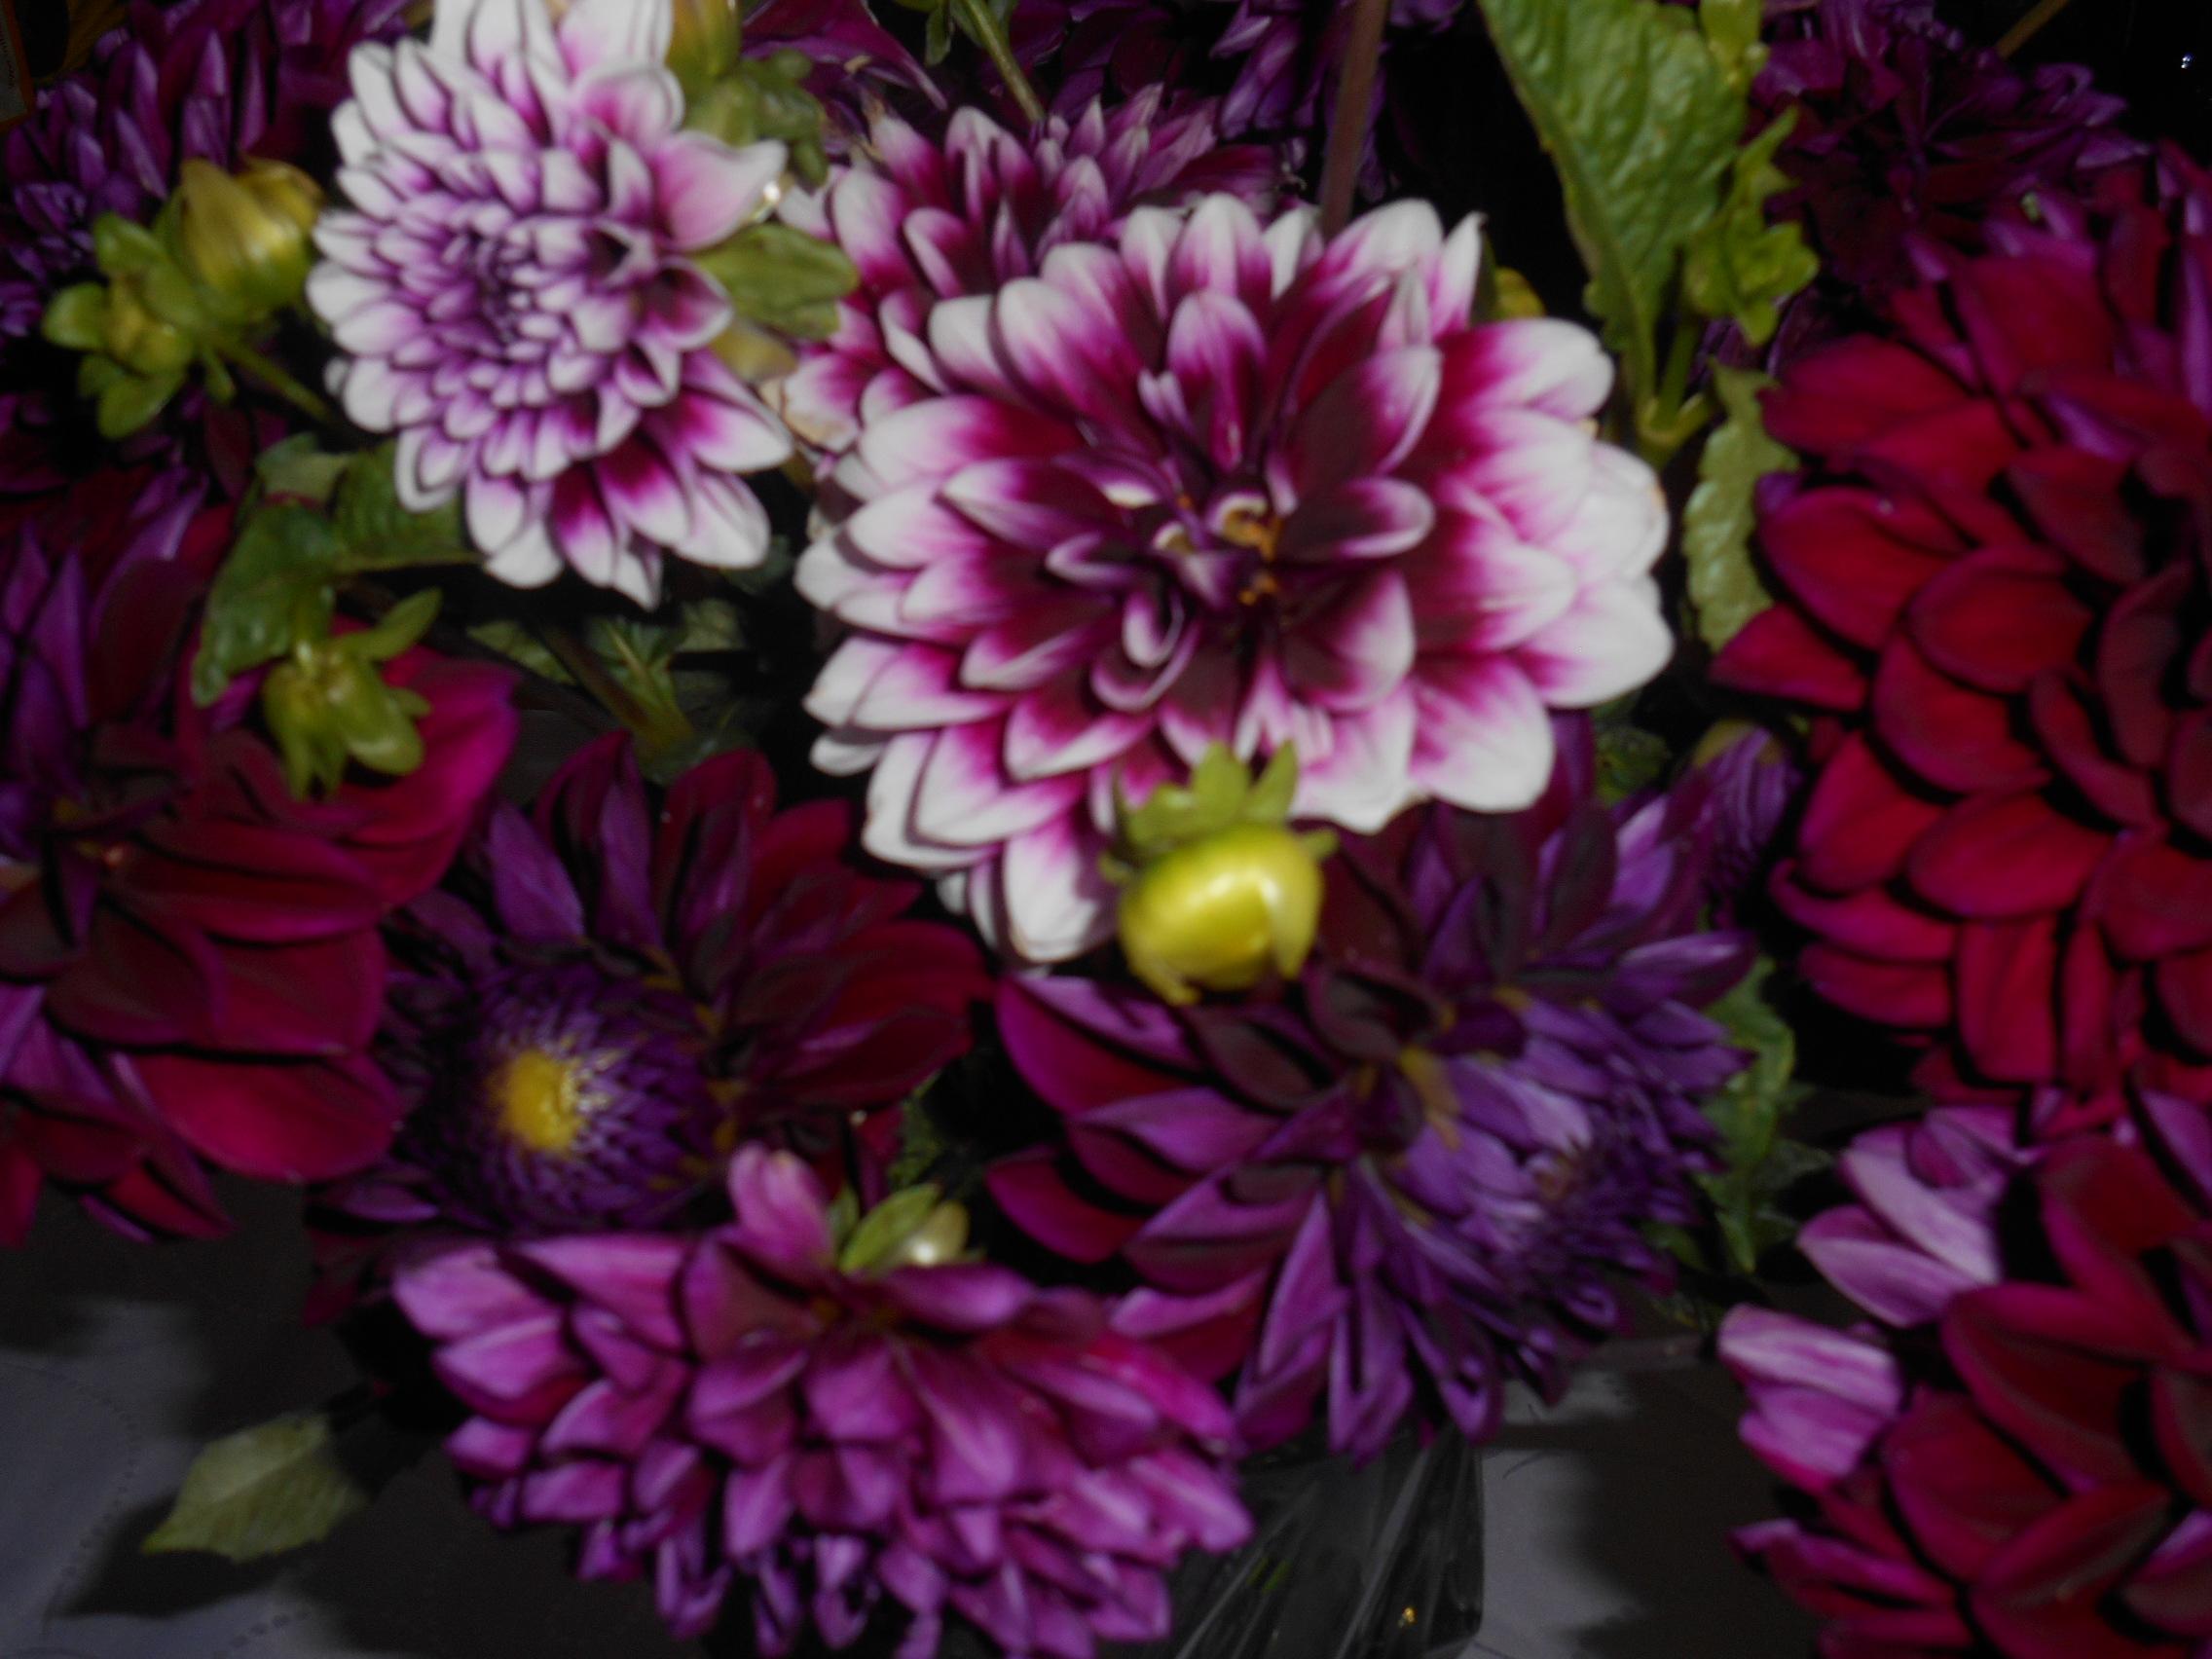 Rose/FleursDuMois/DSCN2203.JPG